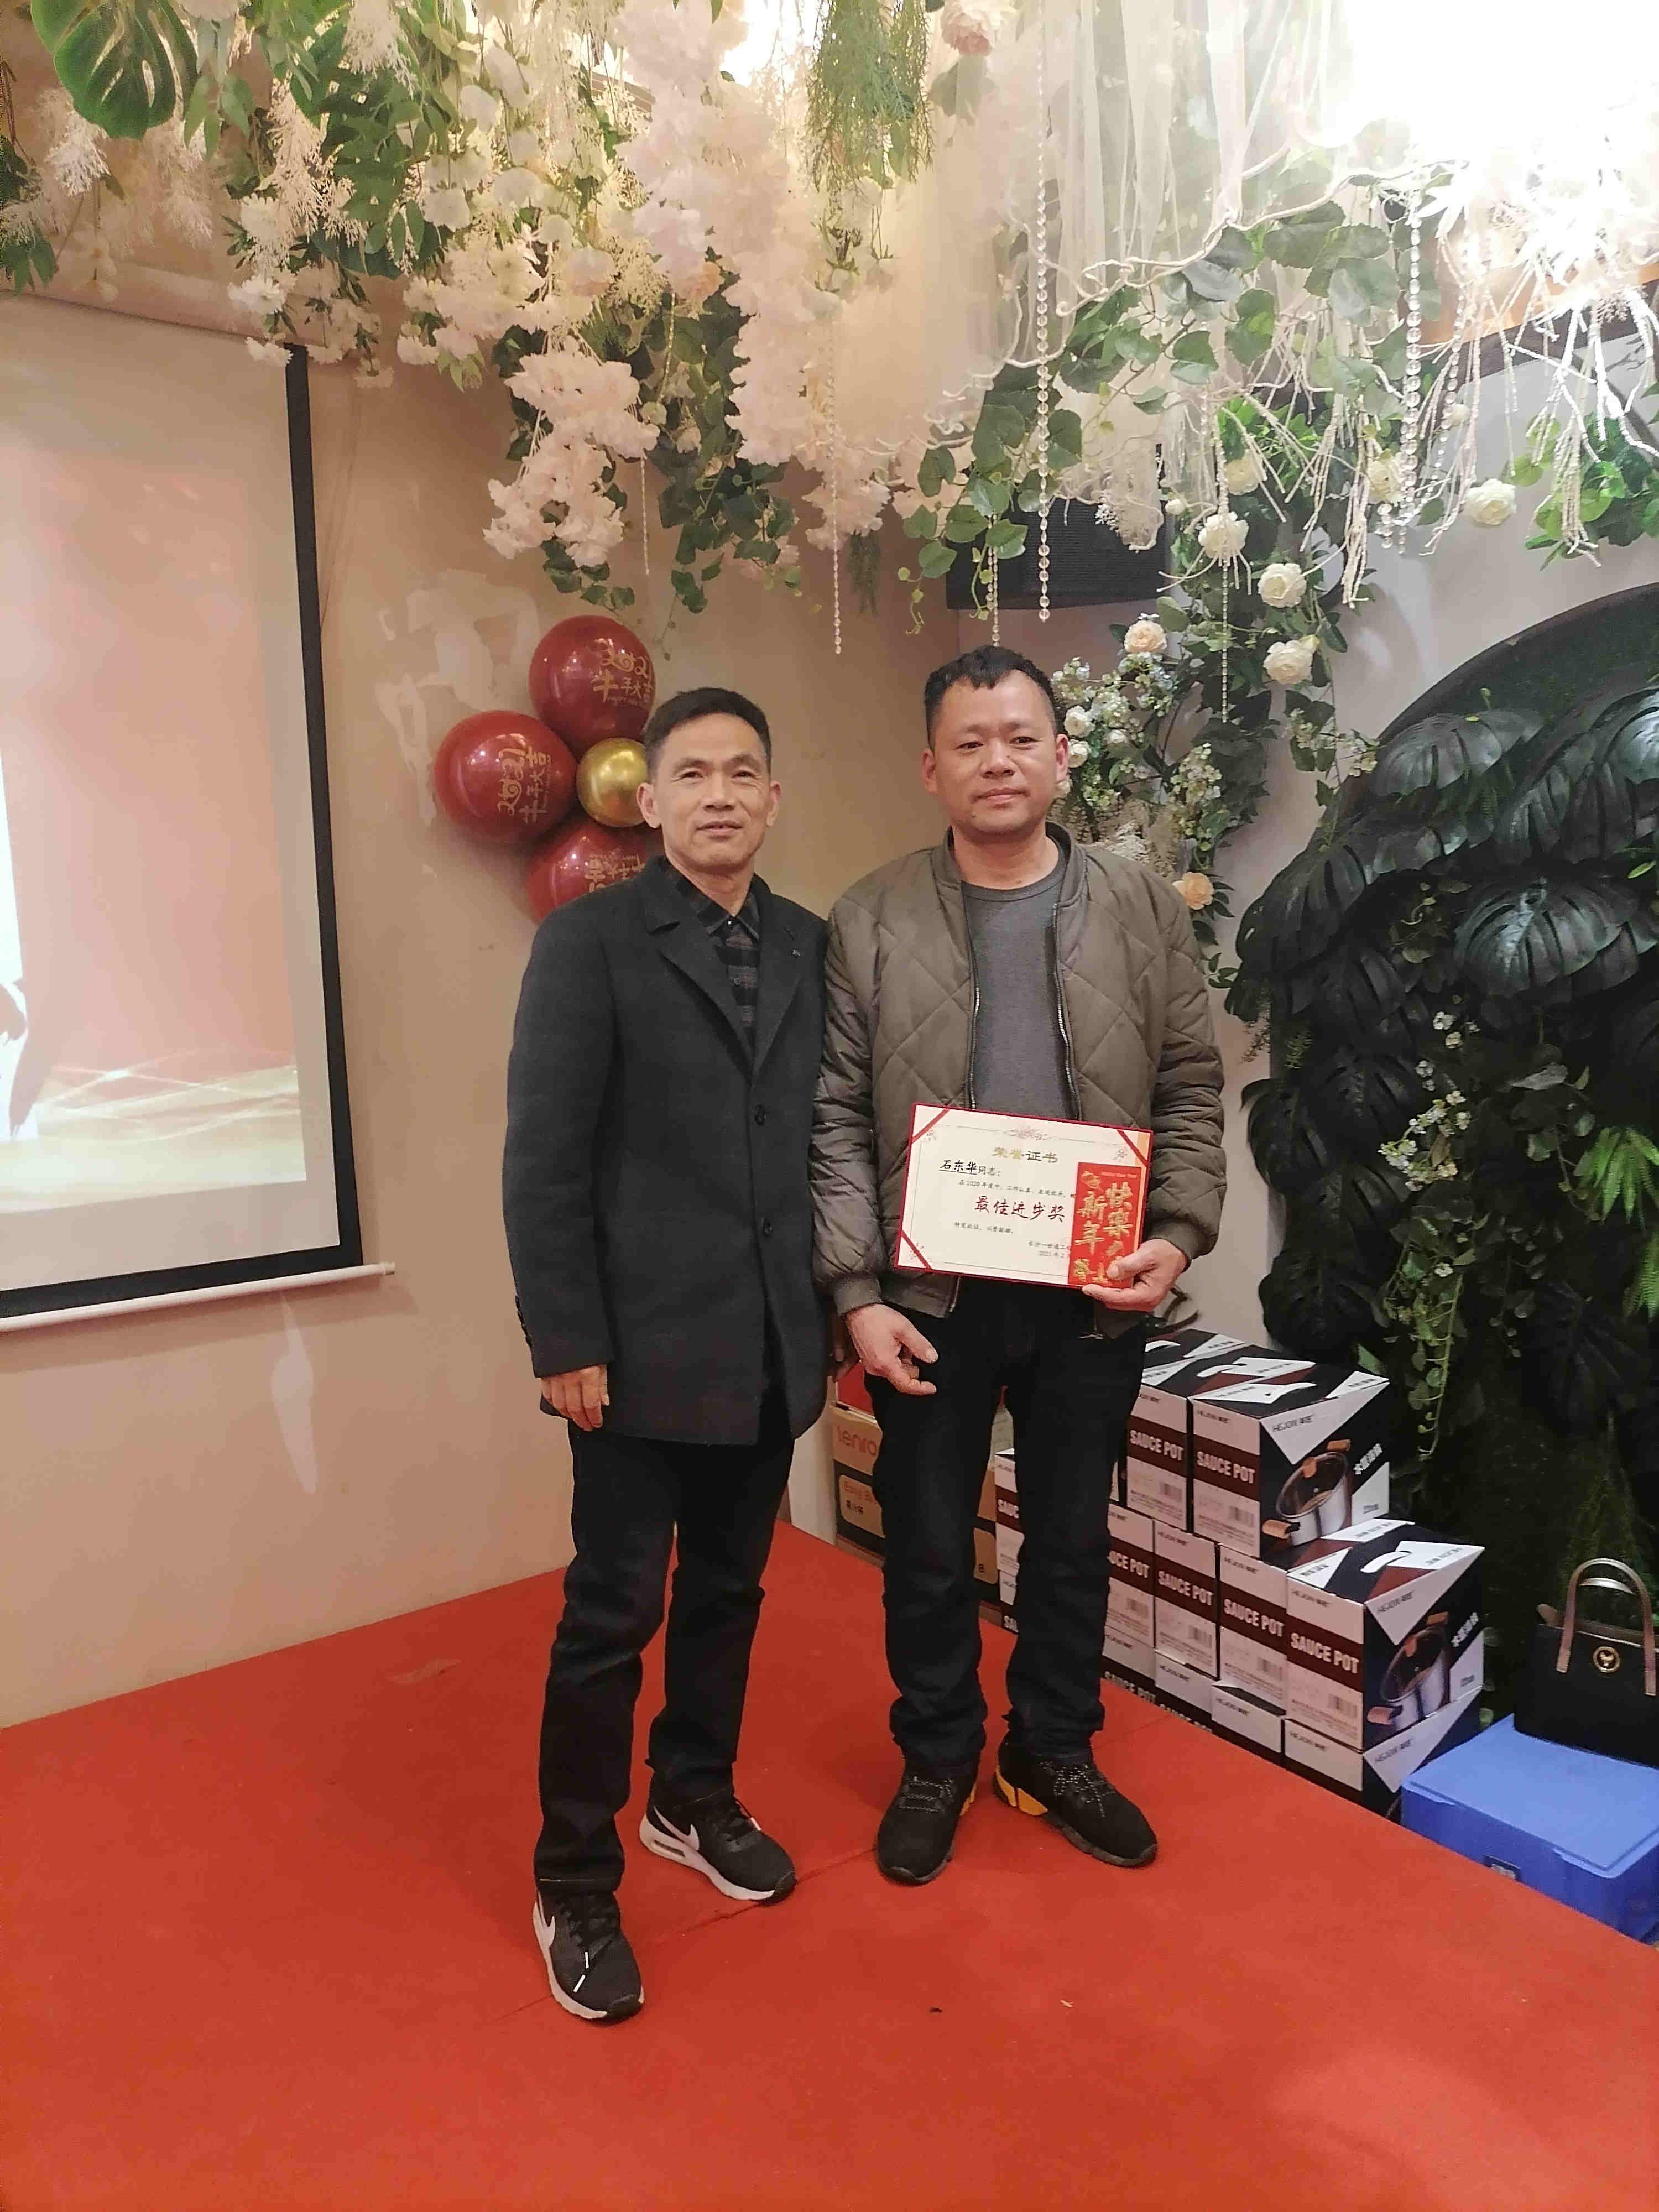 20210204公司年终总结嗡会-最佳进步奖